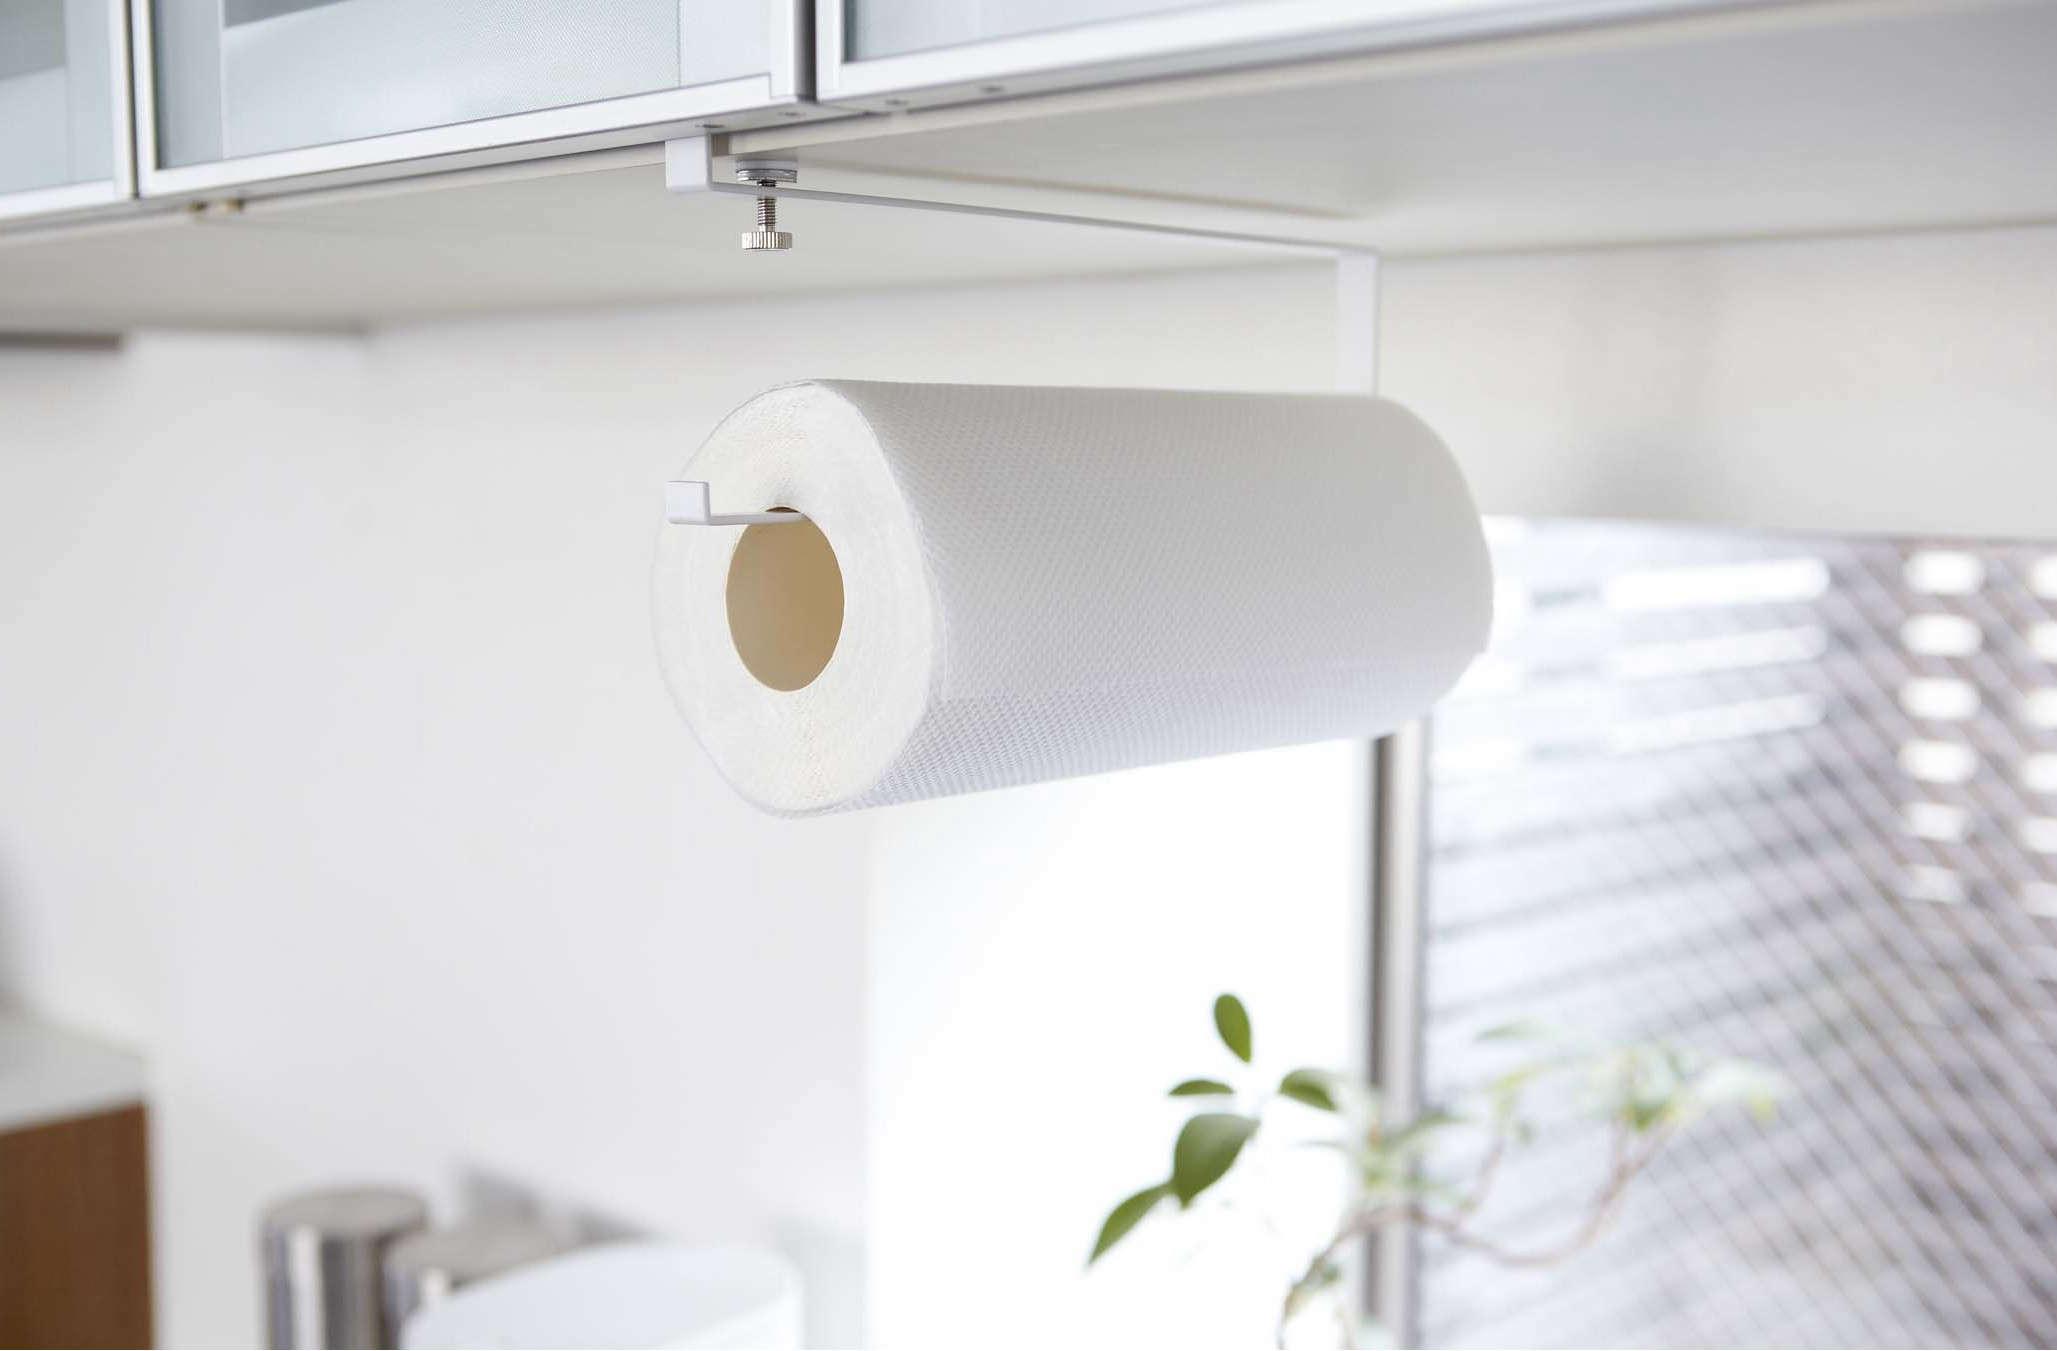 Plate-Under-Shelf-Paper-Towel-Holder-2440 (1)